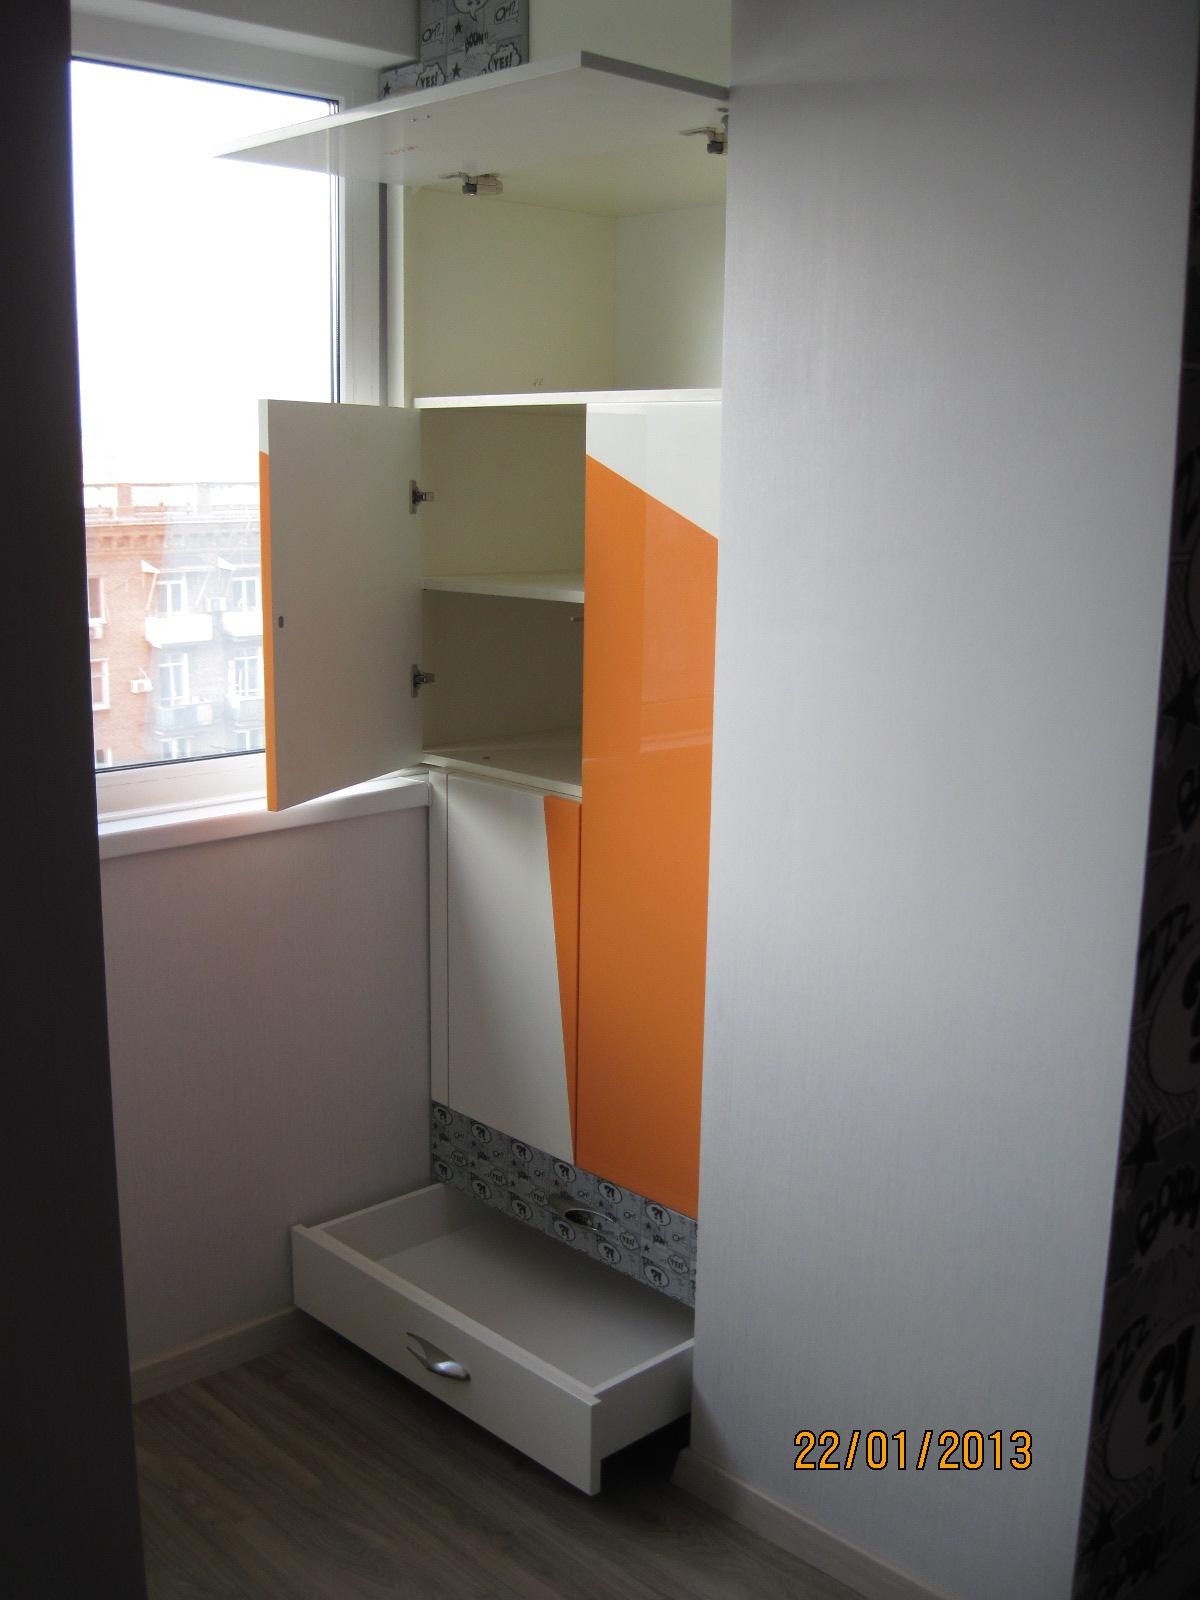 Мебель для дома на заказ в днепропетровске: комод, стол, тум.